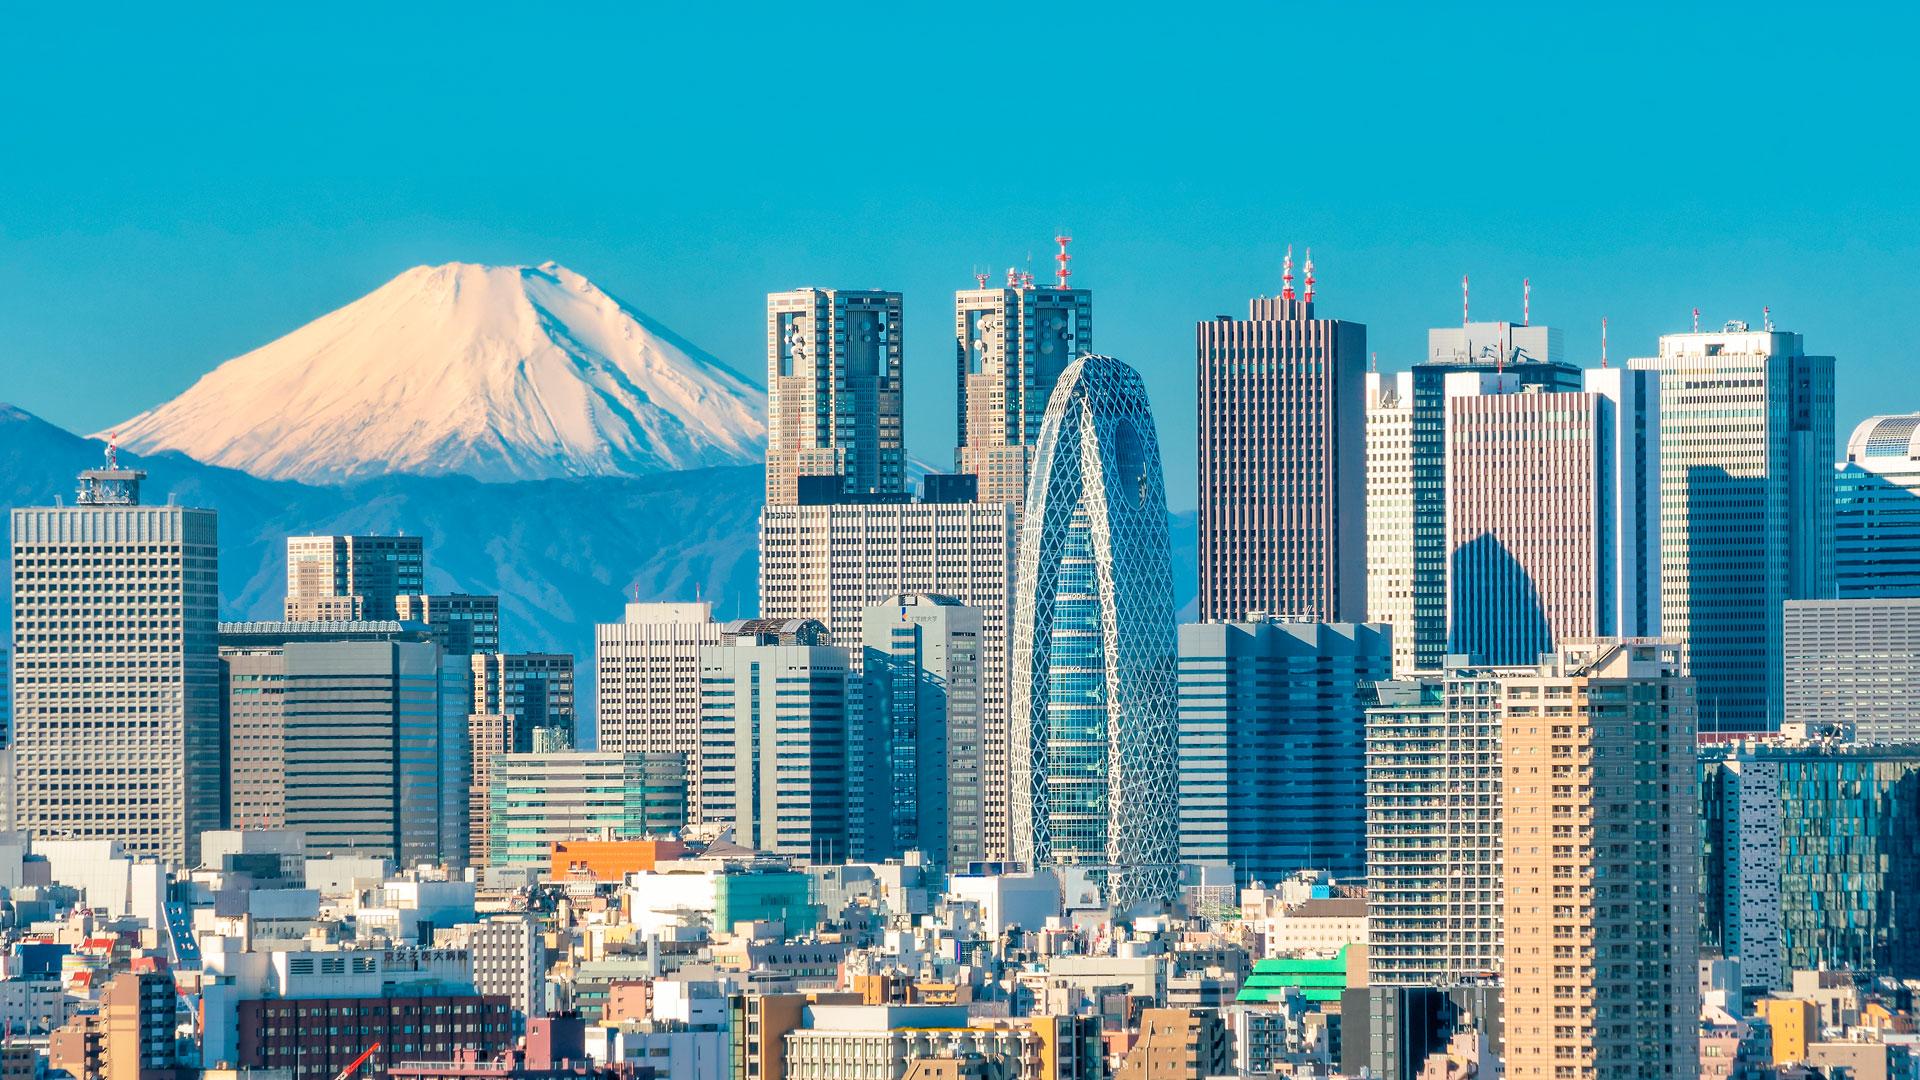 Paisaje de la ciudad de Tokio una modernidad visionaria